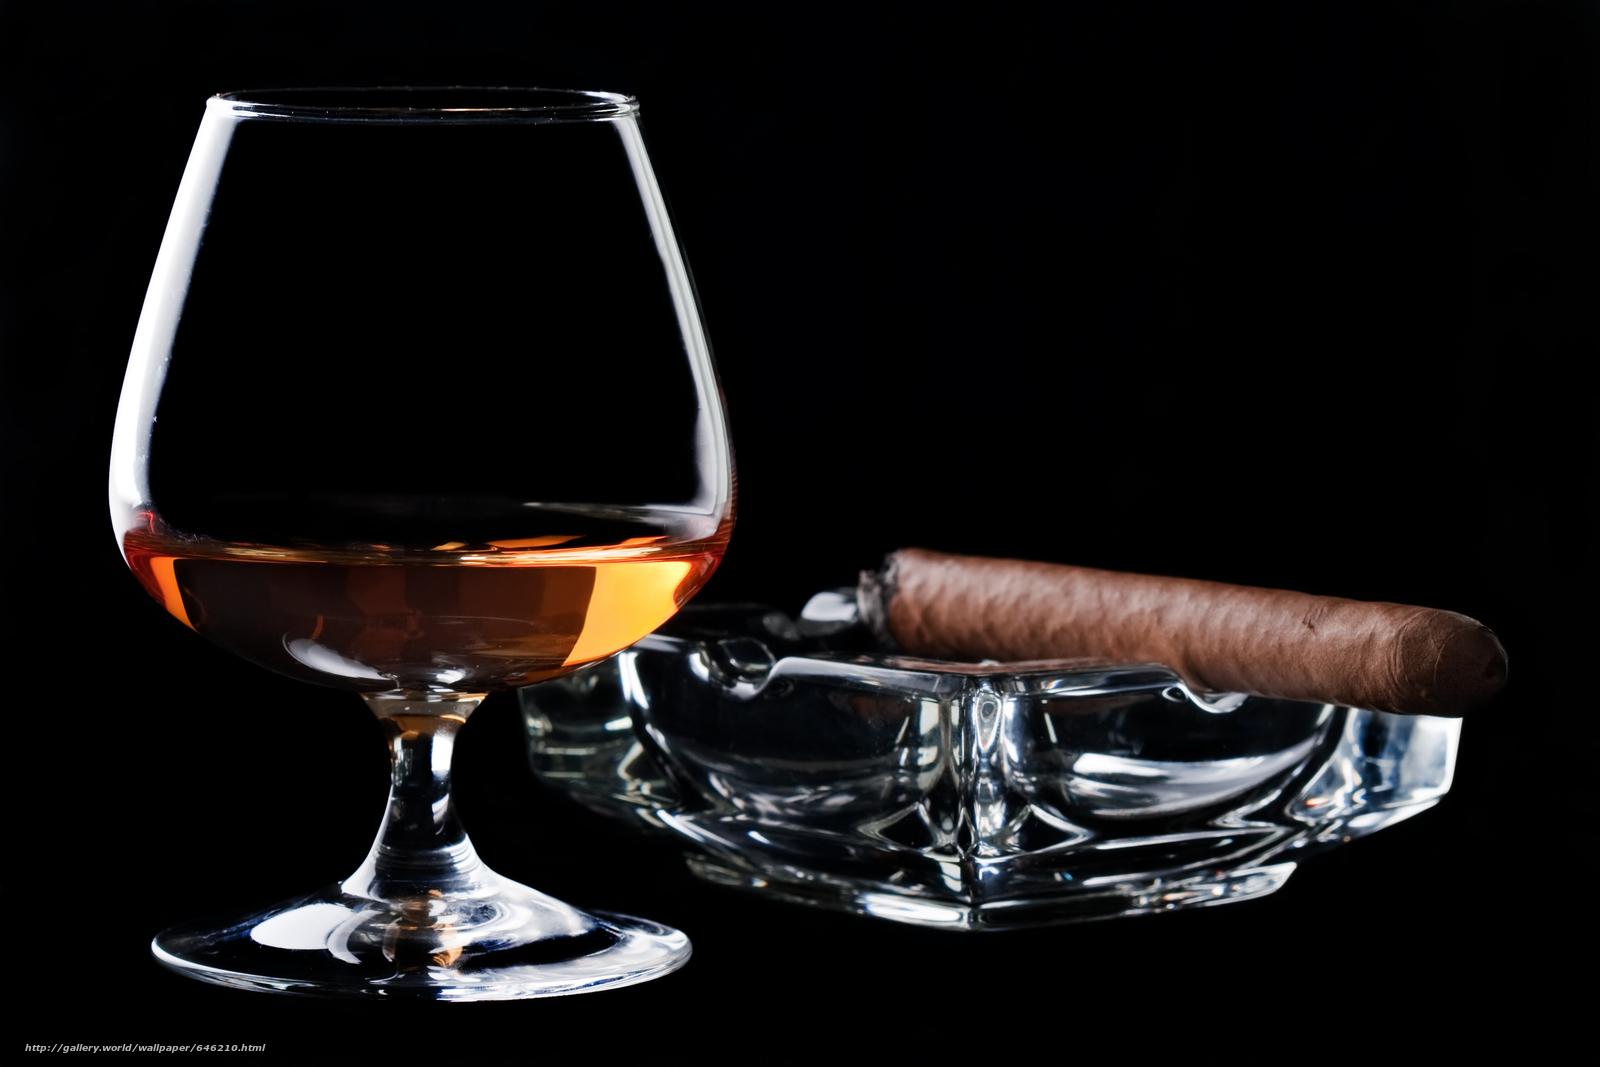 scaricare gli sfondi whisky,  Bakal,  sigaro Sfondi gratis per la risoluzione del desktop 7008x4672 — immagine №646210